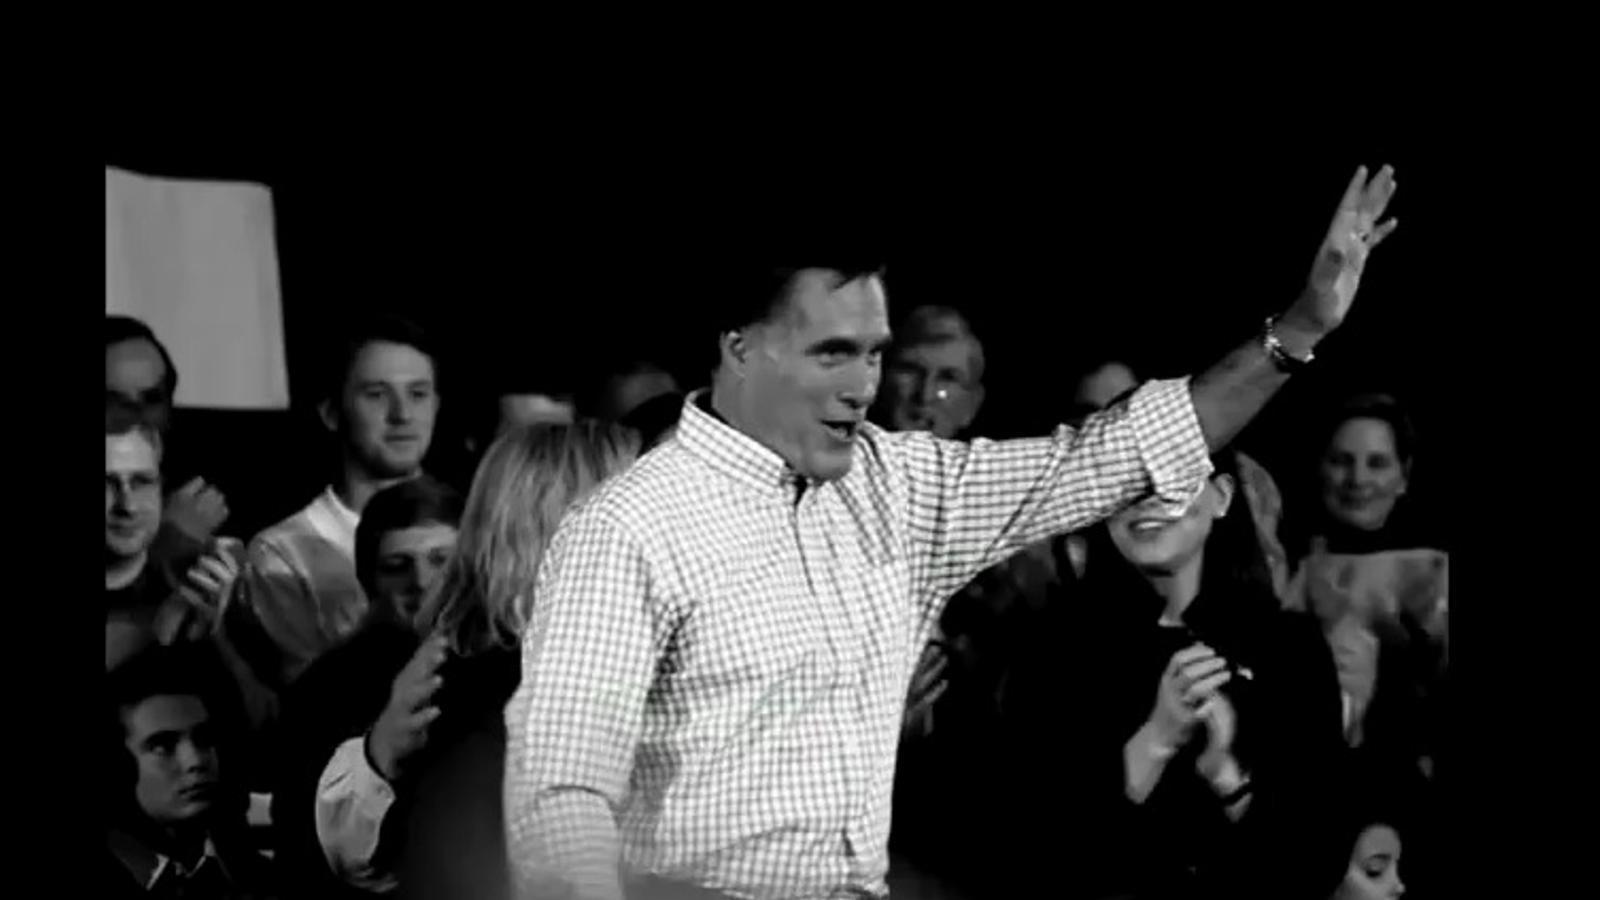 Un fals espot compara Mitt Romney amb el protagonista de 'The Artist'